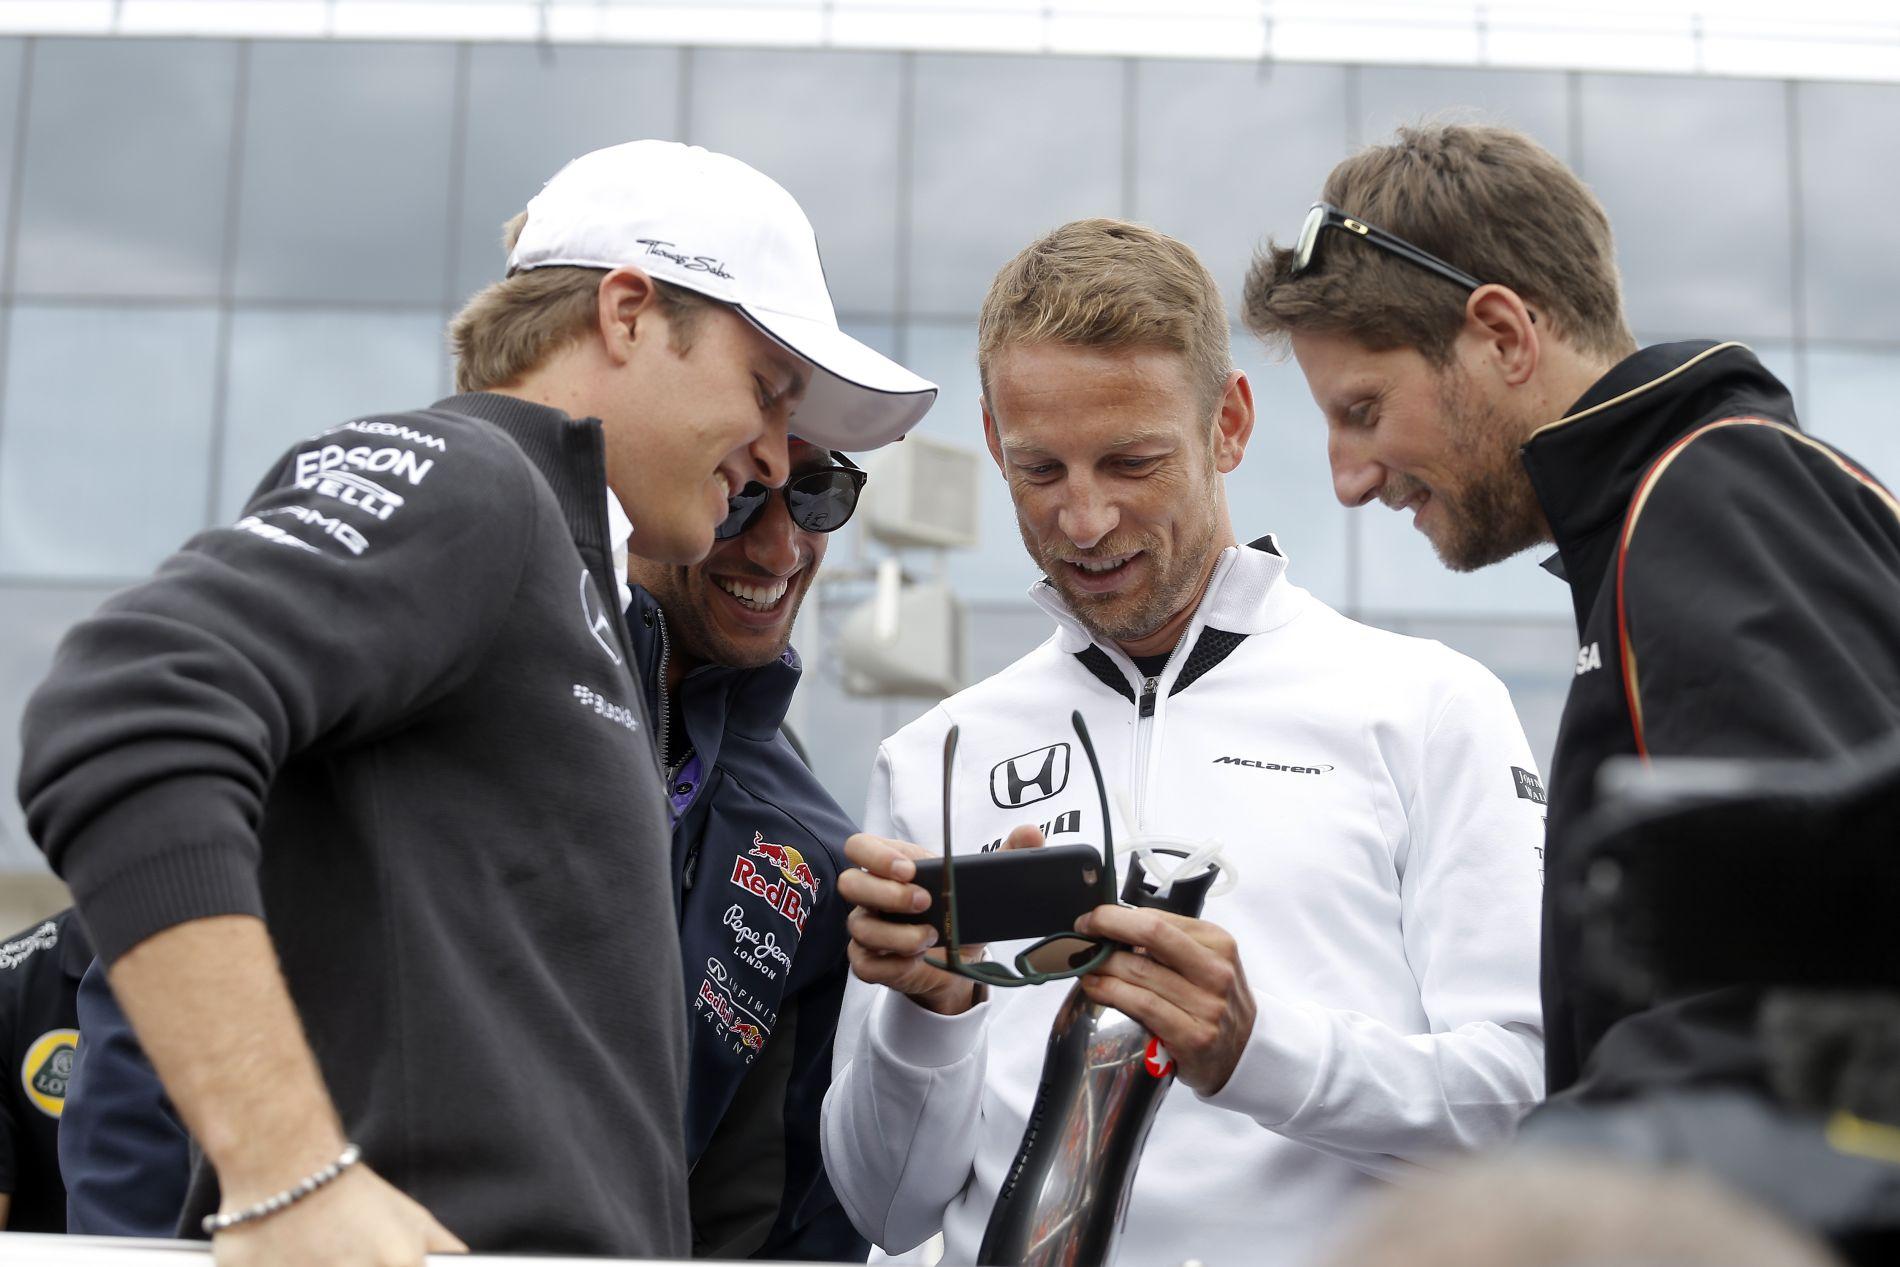 Grosjean reméli, lesz pár jó csatája Buttonnal, a mezőny elején